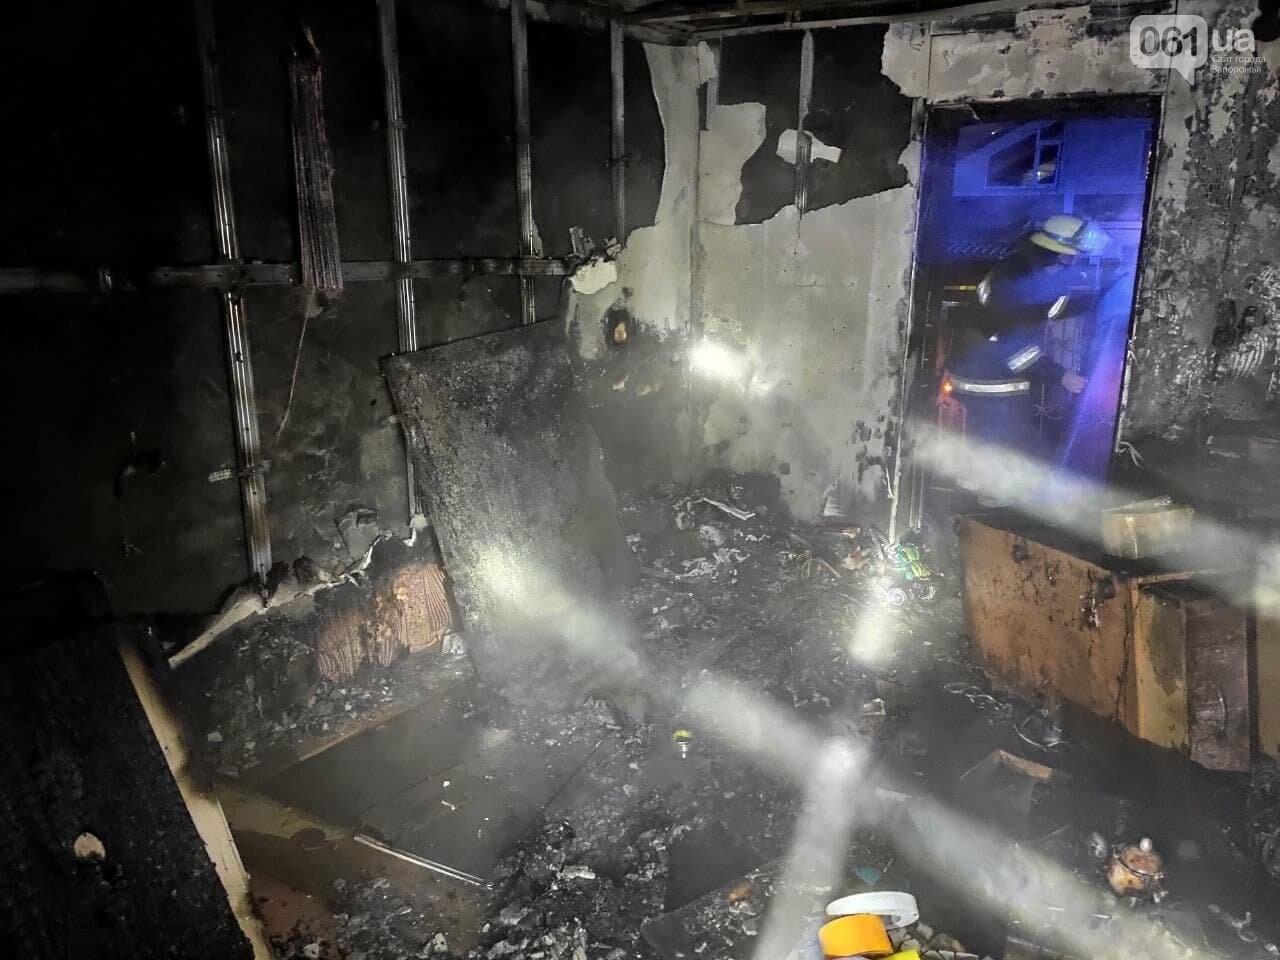 Под Запорожьем пожарные спасли мужчину, который едва не погиб из-за неосторожного обращения с огнем, фото-3